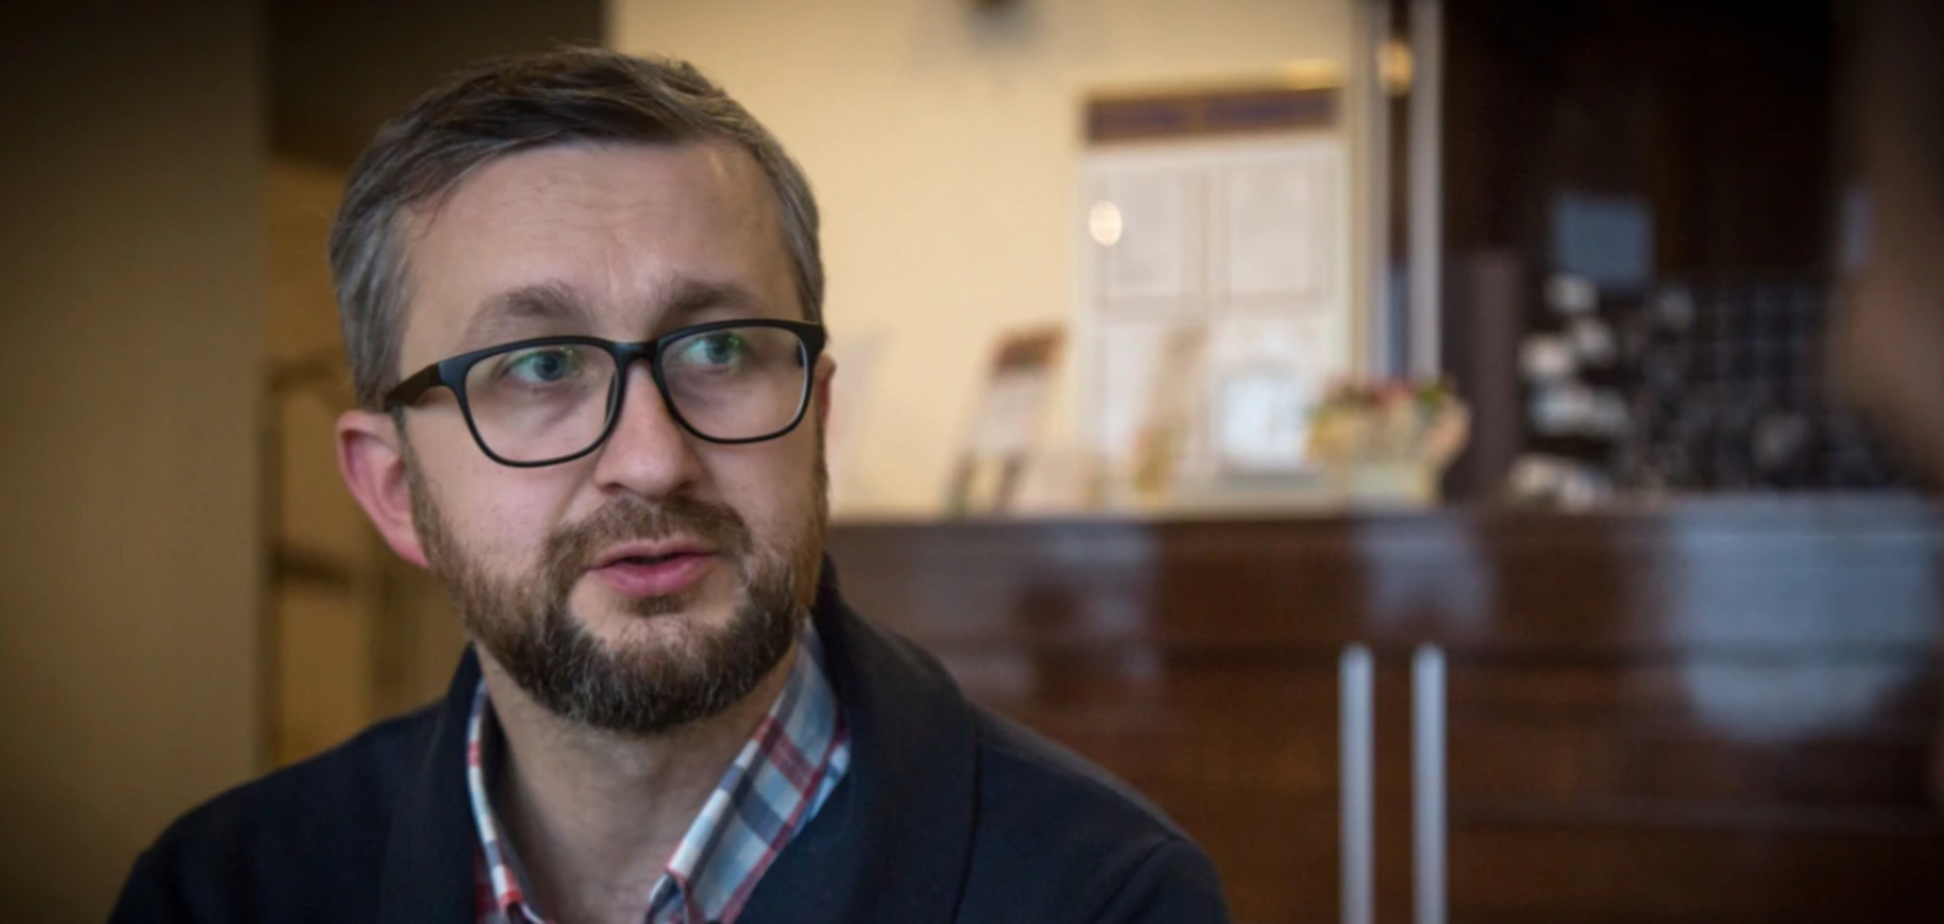 Окупанти в Криму висунули обвинувачення Джелялову: загрожує 15 років в'язниці